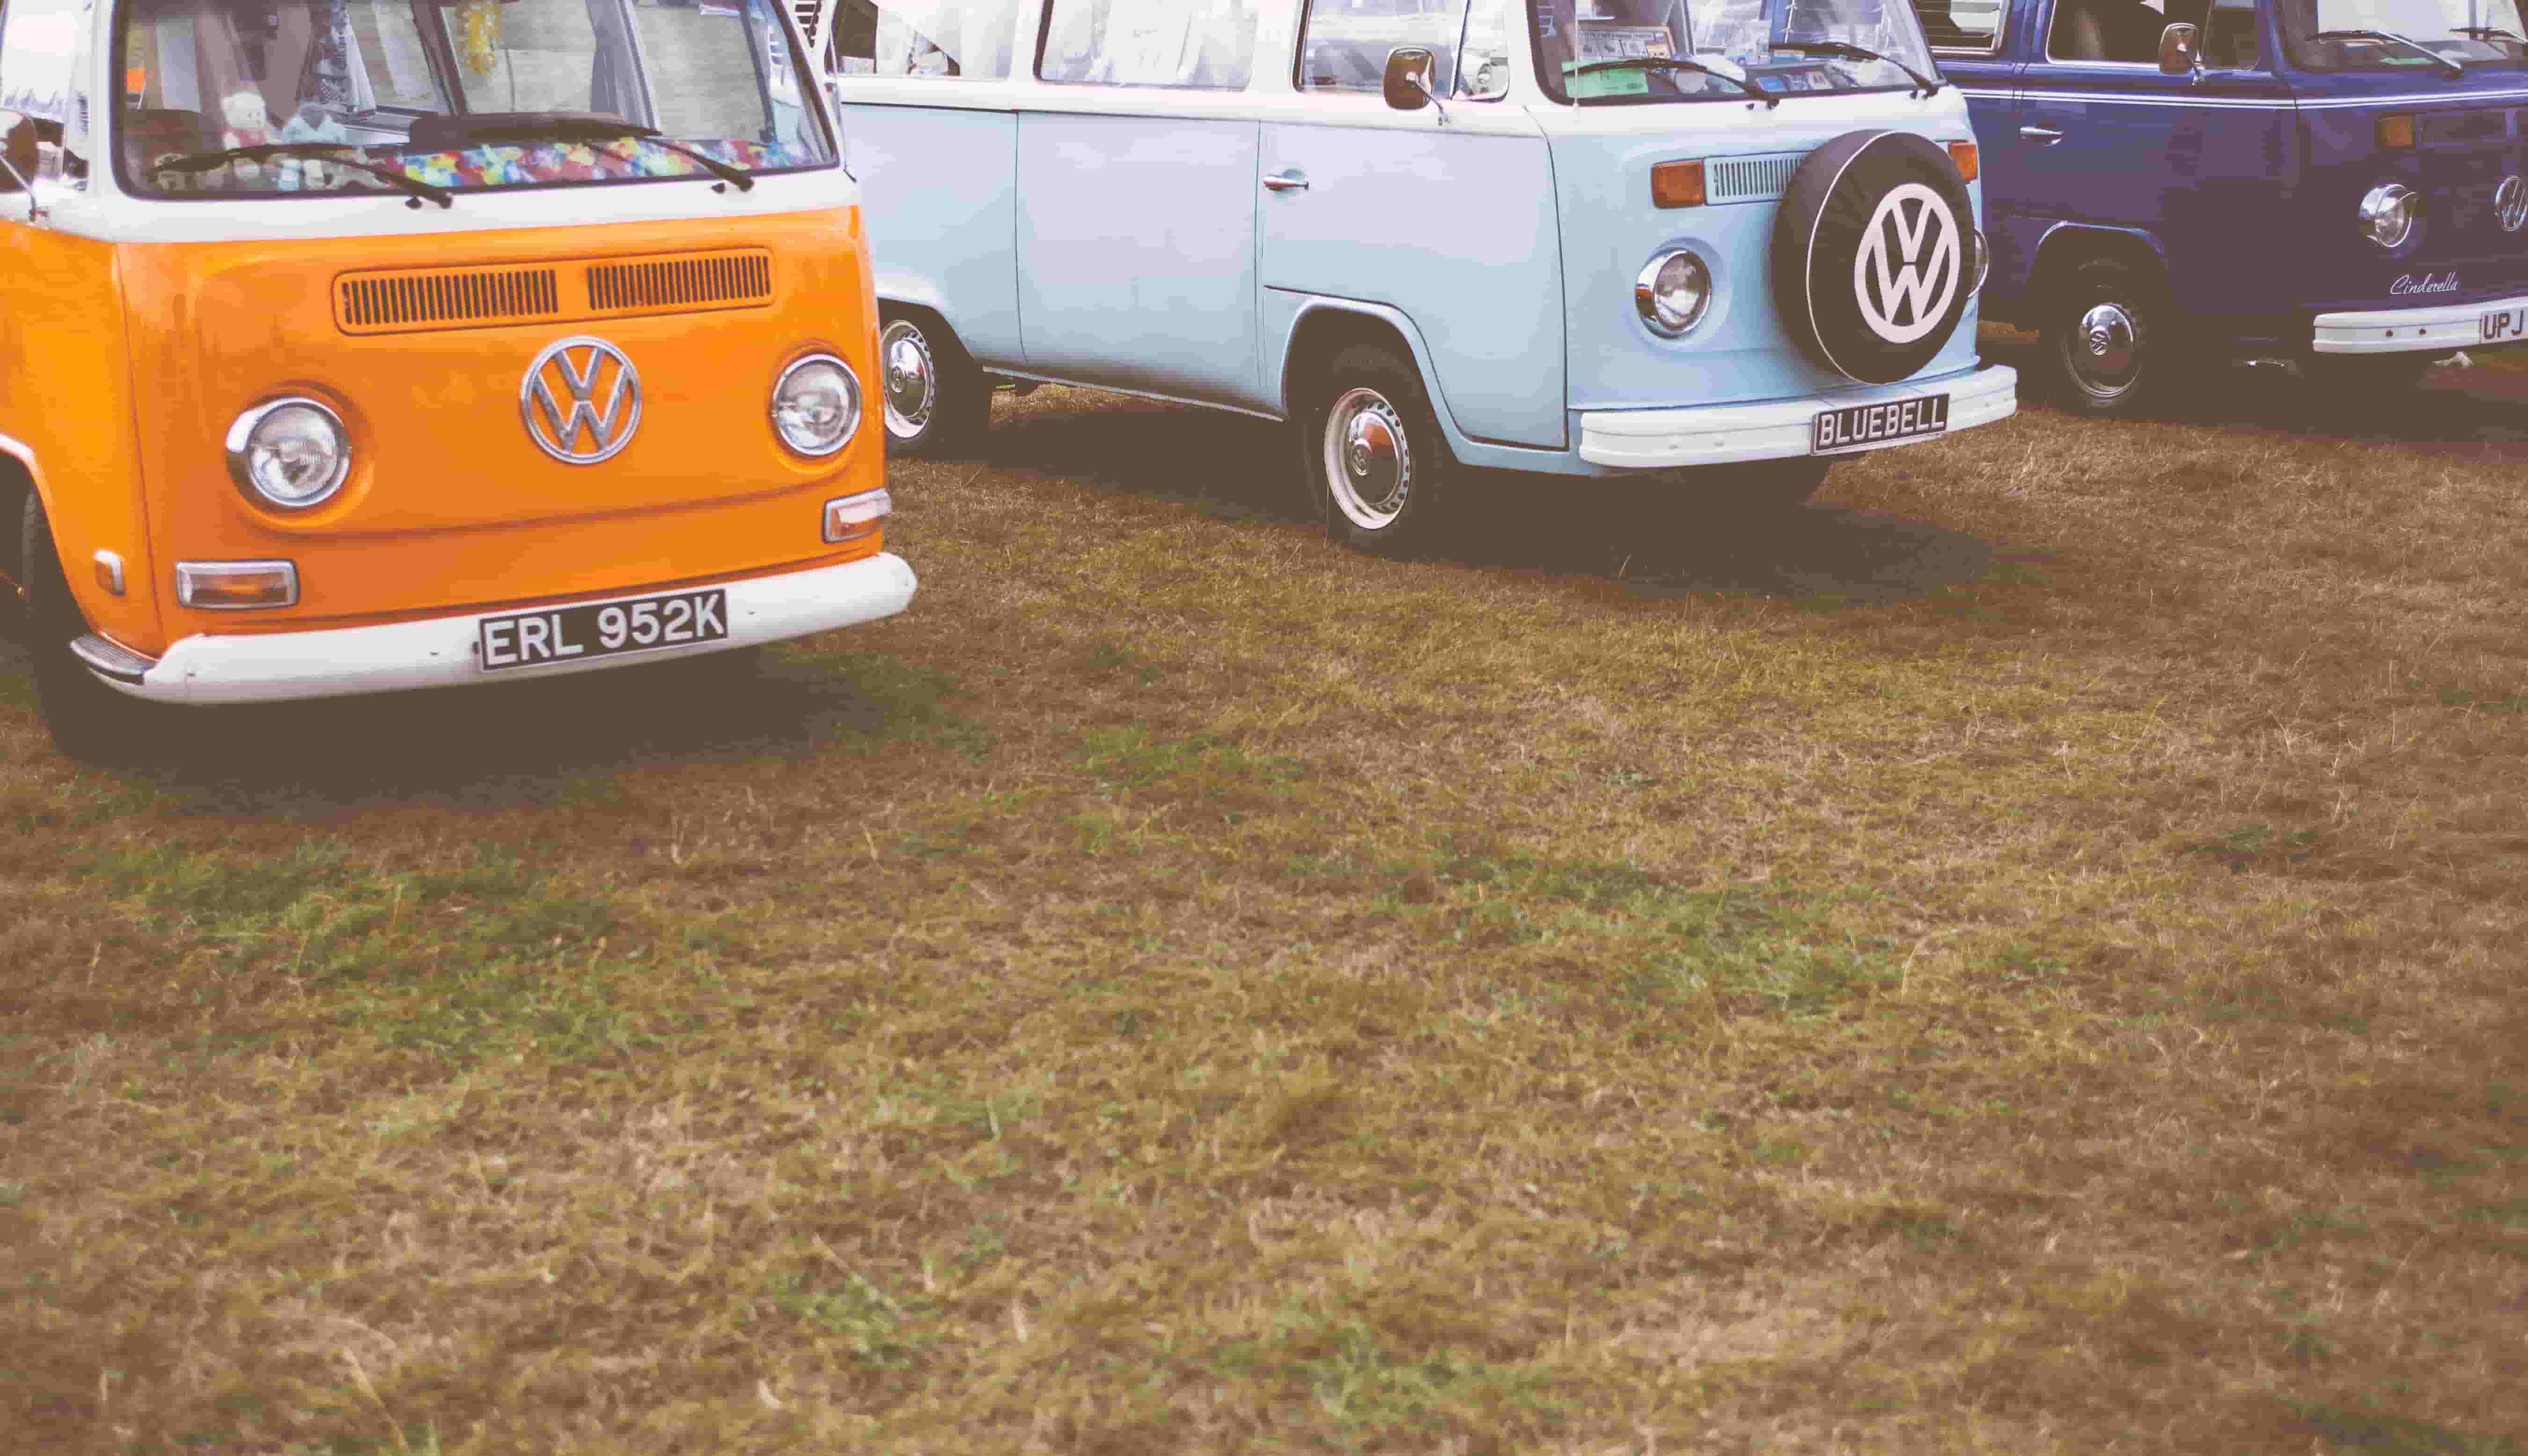 Volkswagen motorhomes park on a grassy lot.